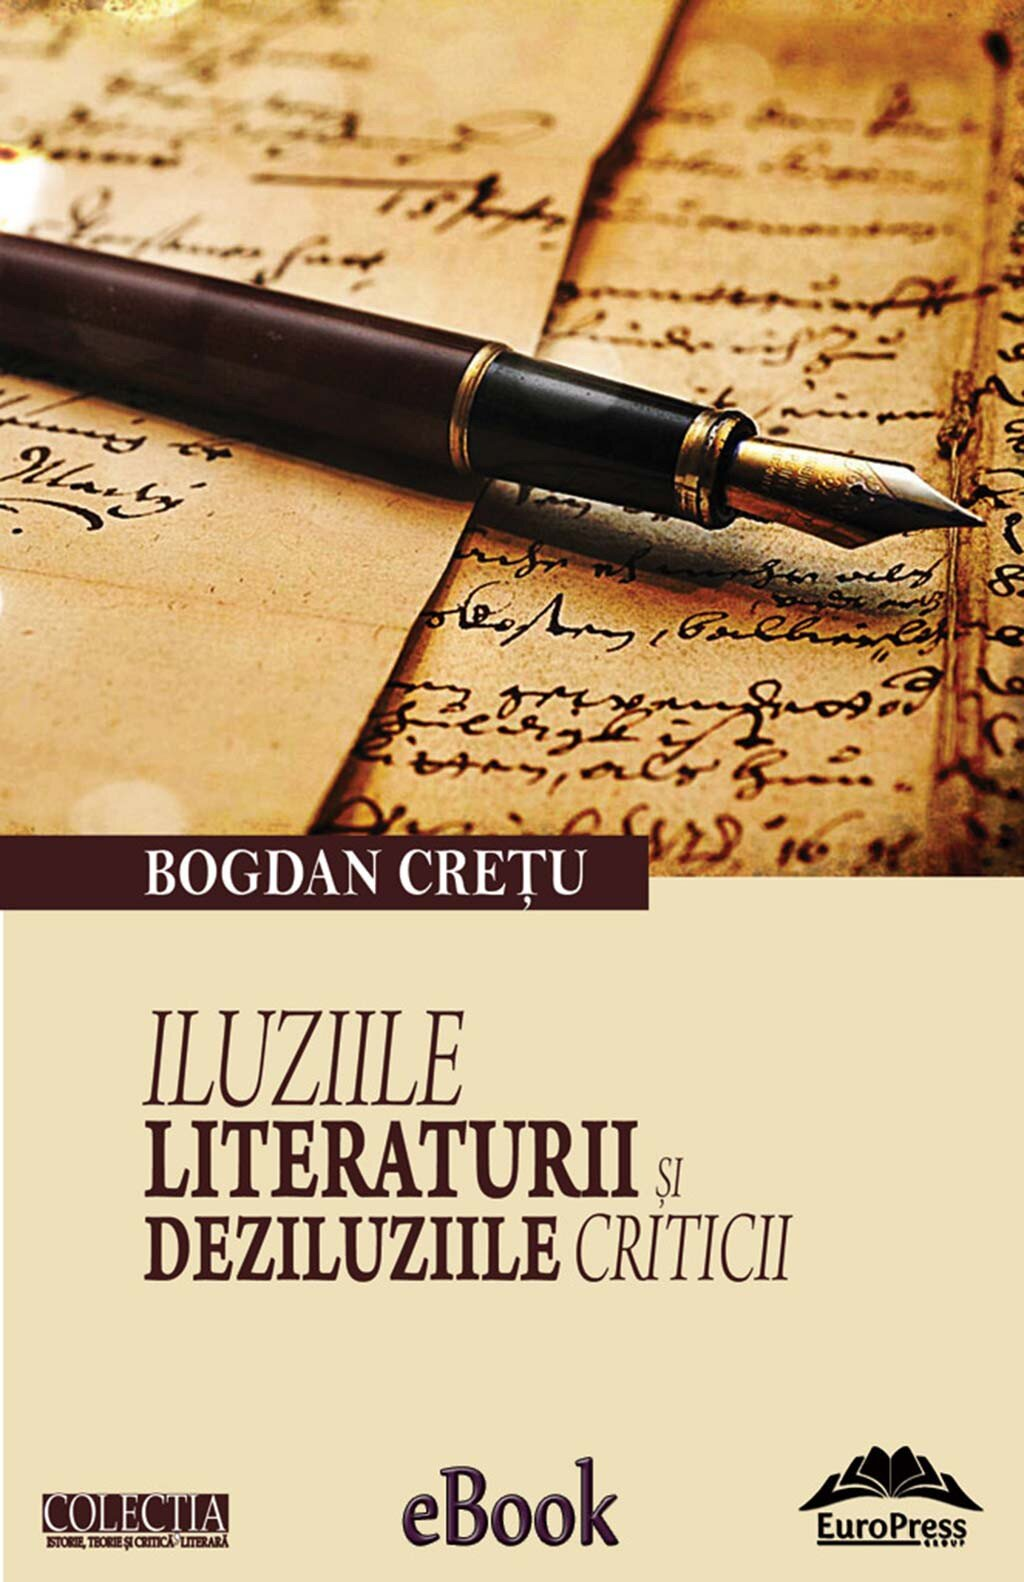 Iluziile literaturii si deziluziile criticii (eBook)